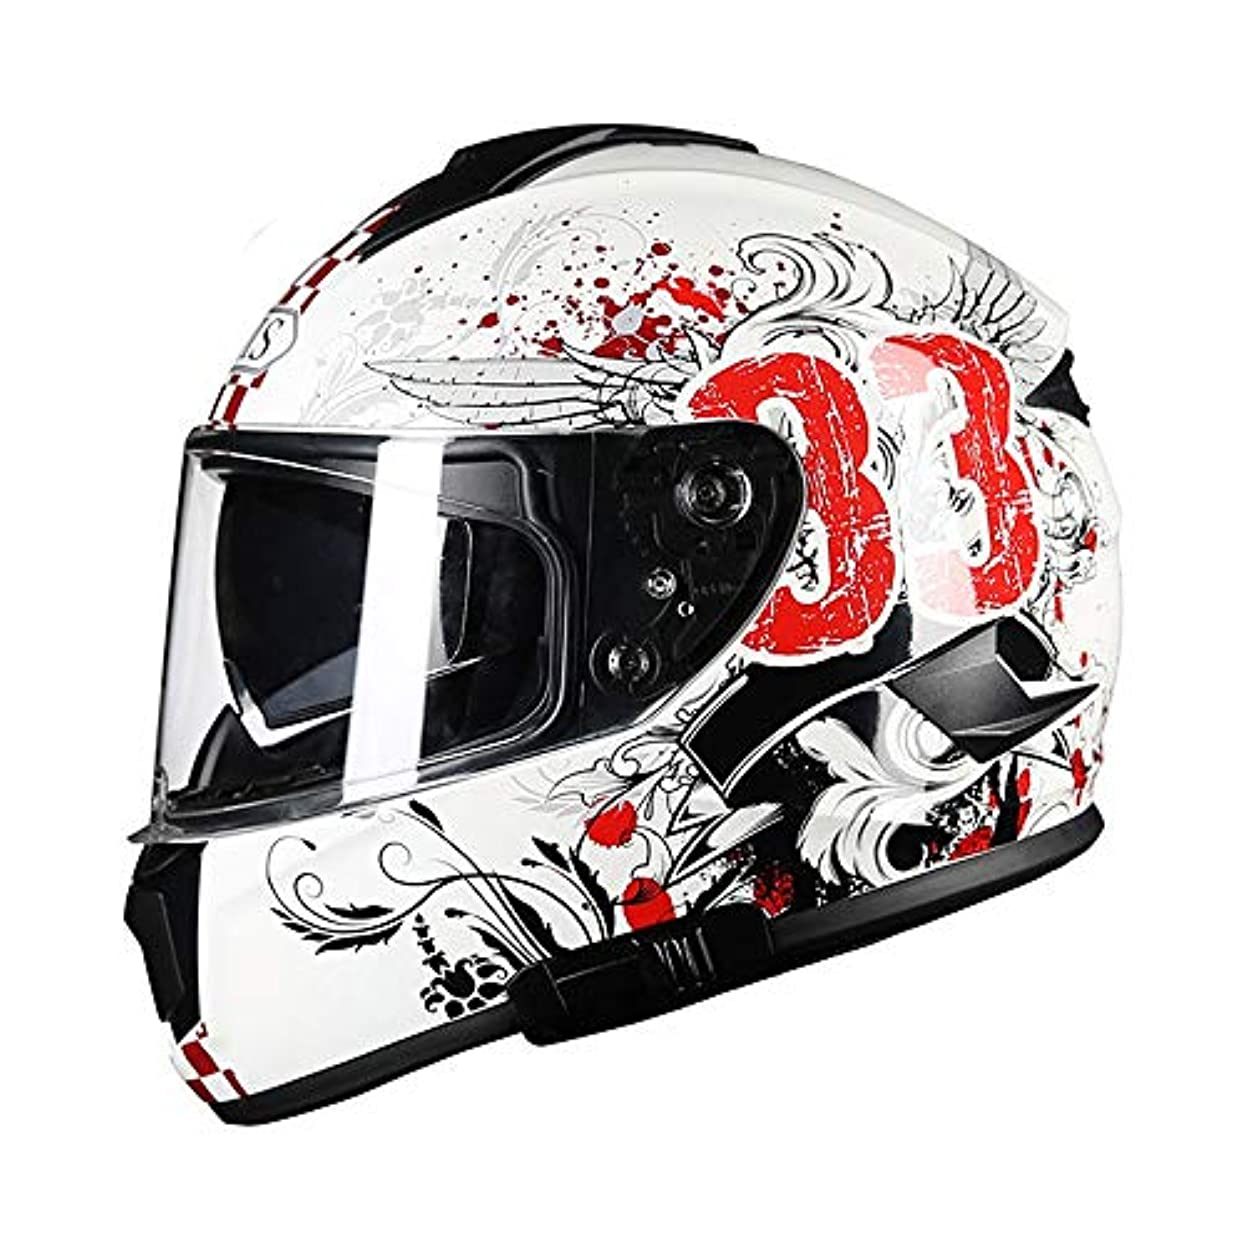 外科医理論的欠員HYH Absホワイトオートバイヘルメット男性フルカバー四季機関車電気自動車フルフェイスヘルメット防曇ダブルレンズ赤黒落書き いい人生 (Size : XXL)